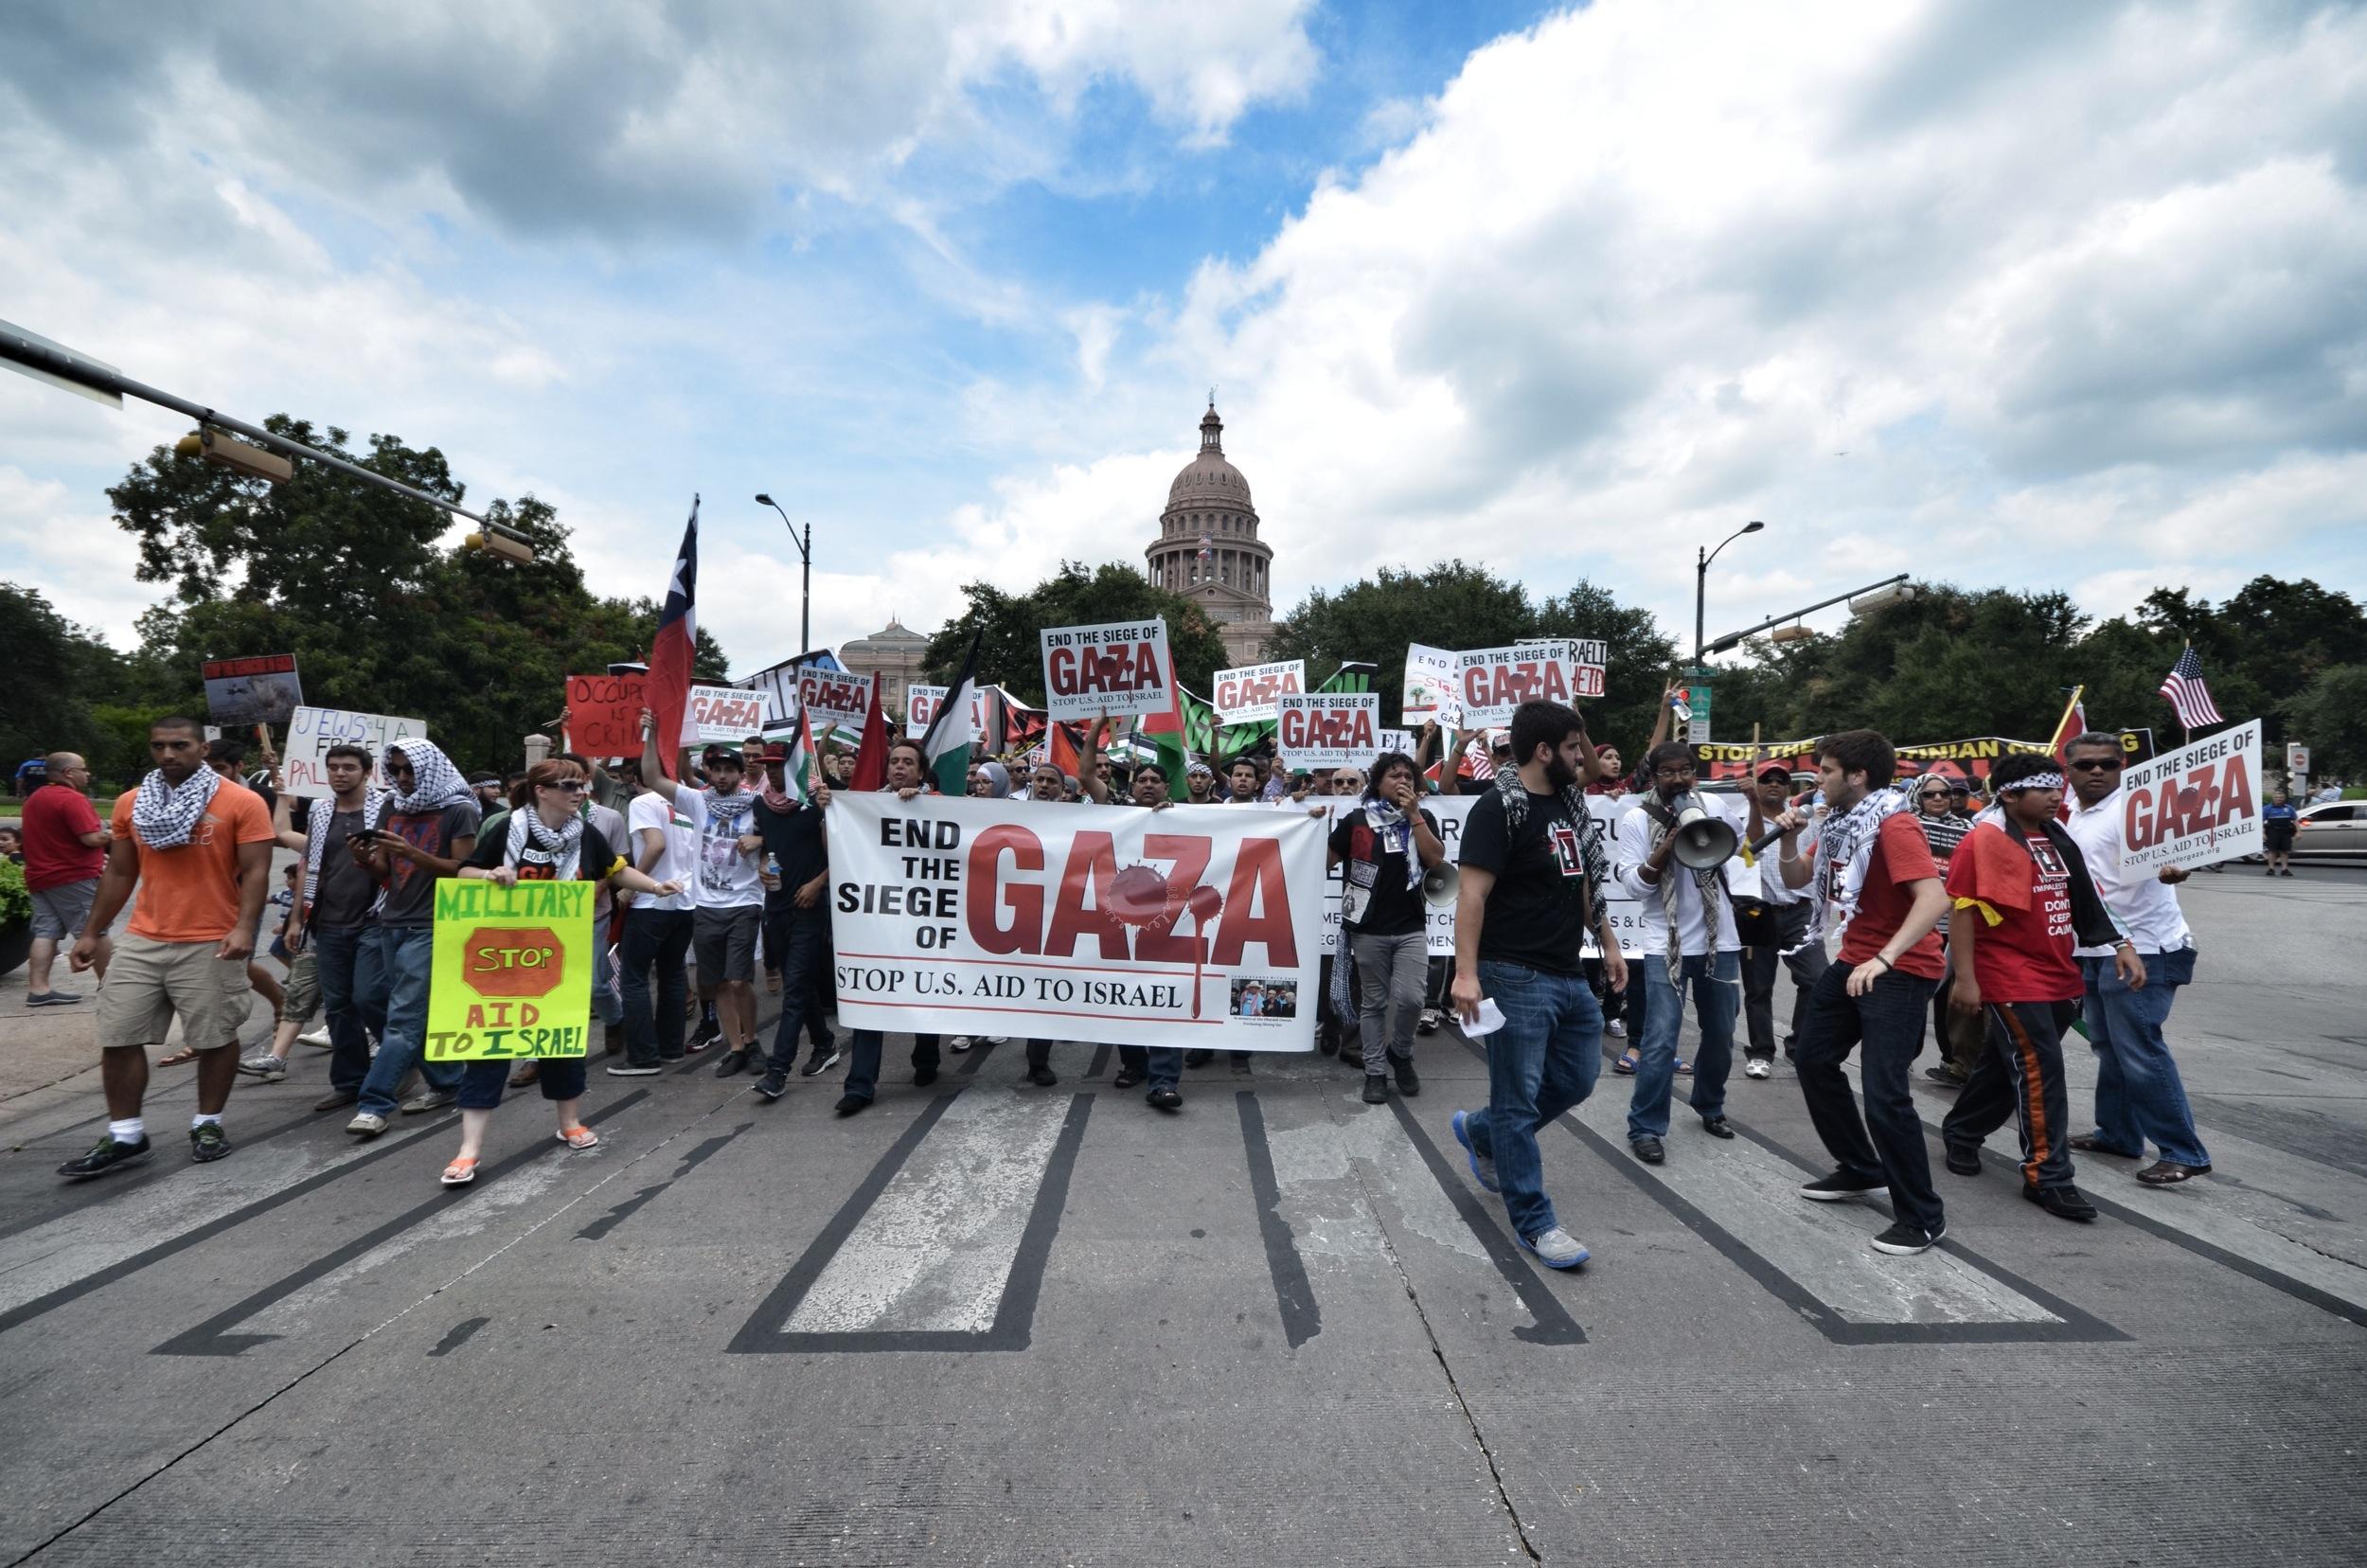 Texans for Gaza Rally, Austin, Texas. August, 2014